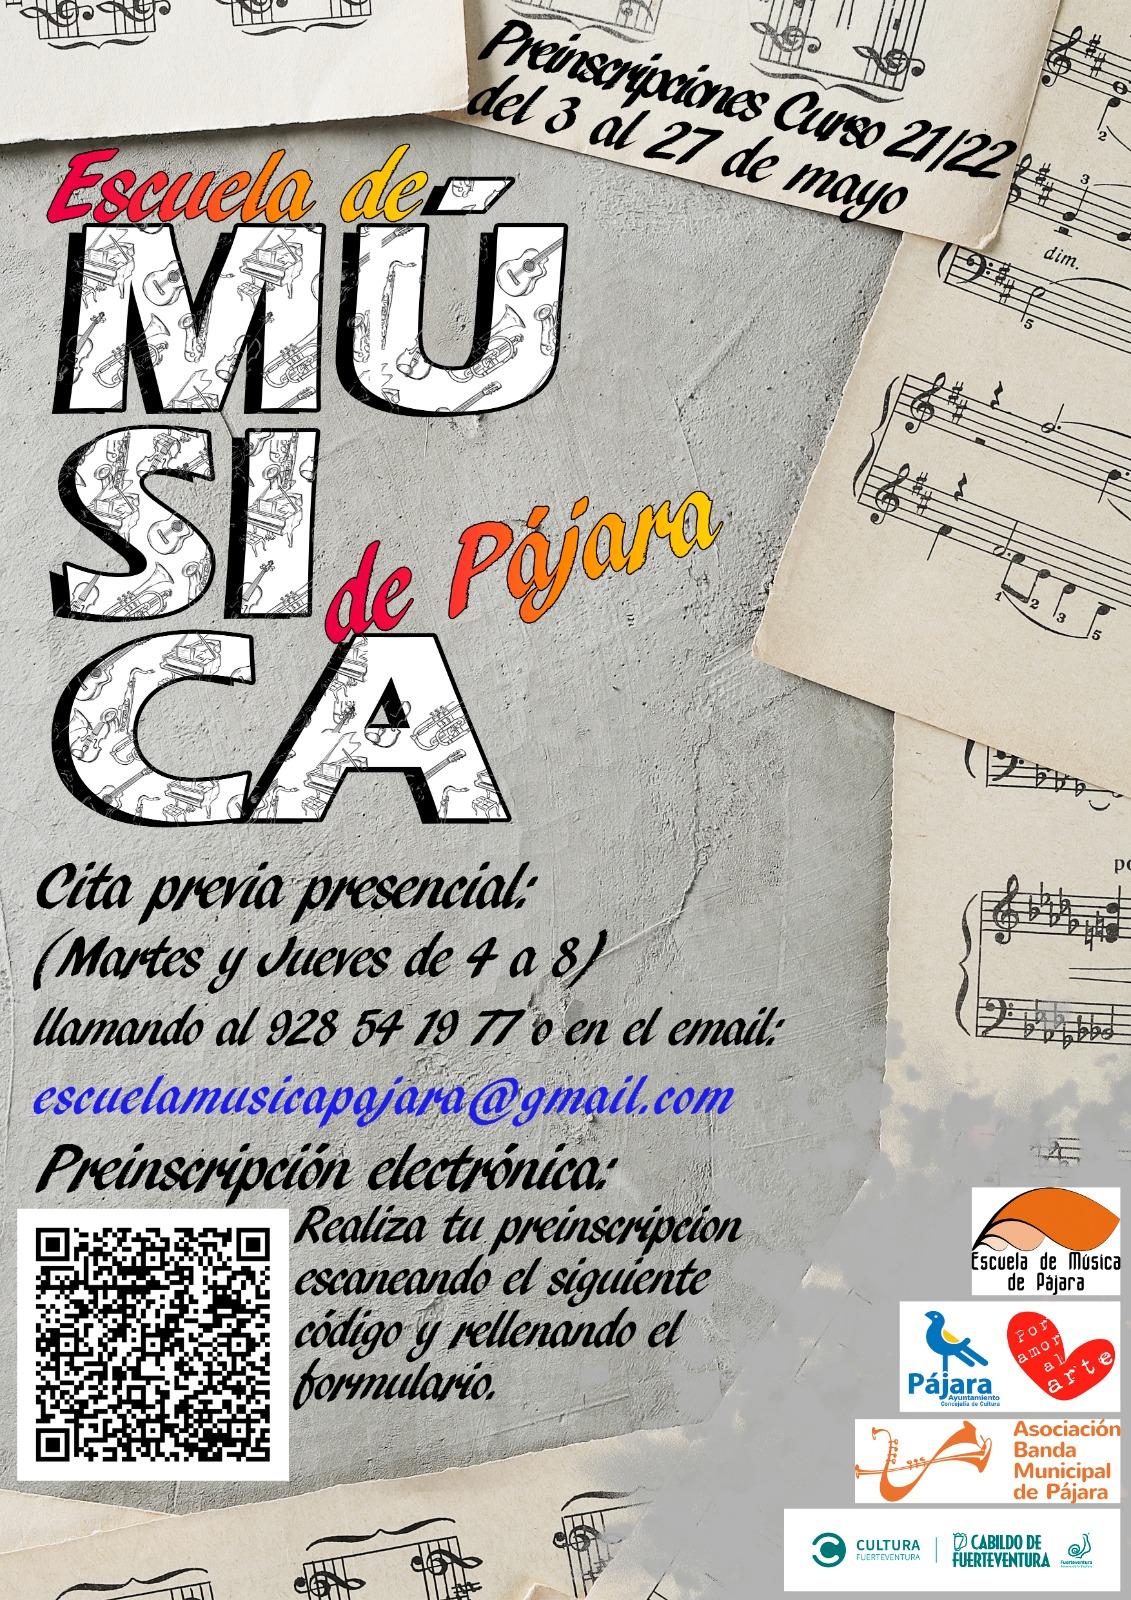 La Escuela de Música de Pájara abre el plazo de preinscripción para nuevos alumnos